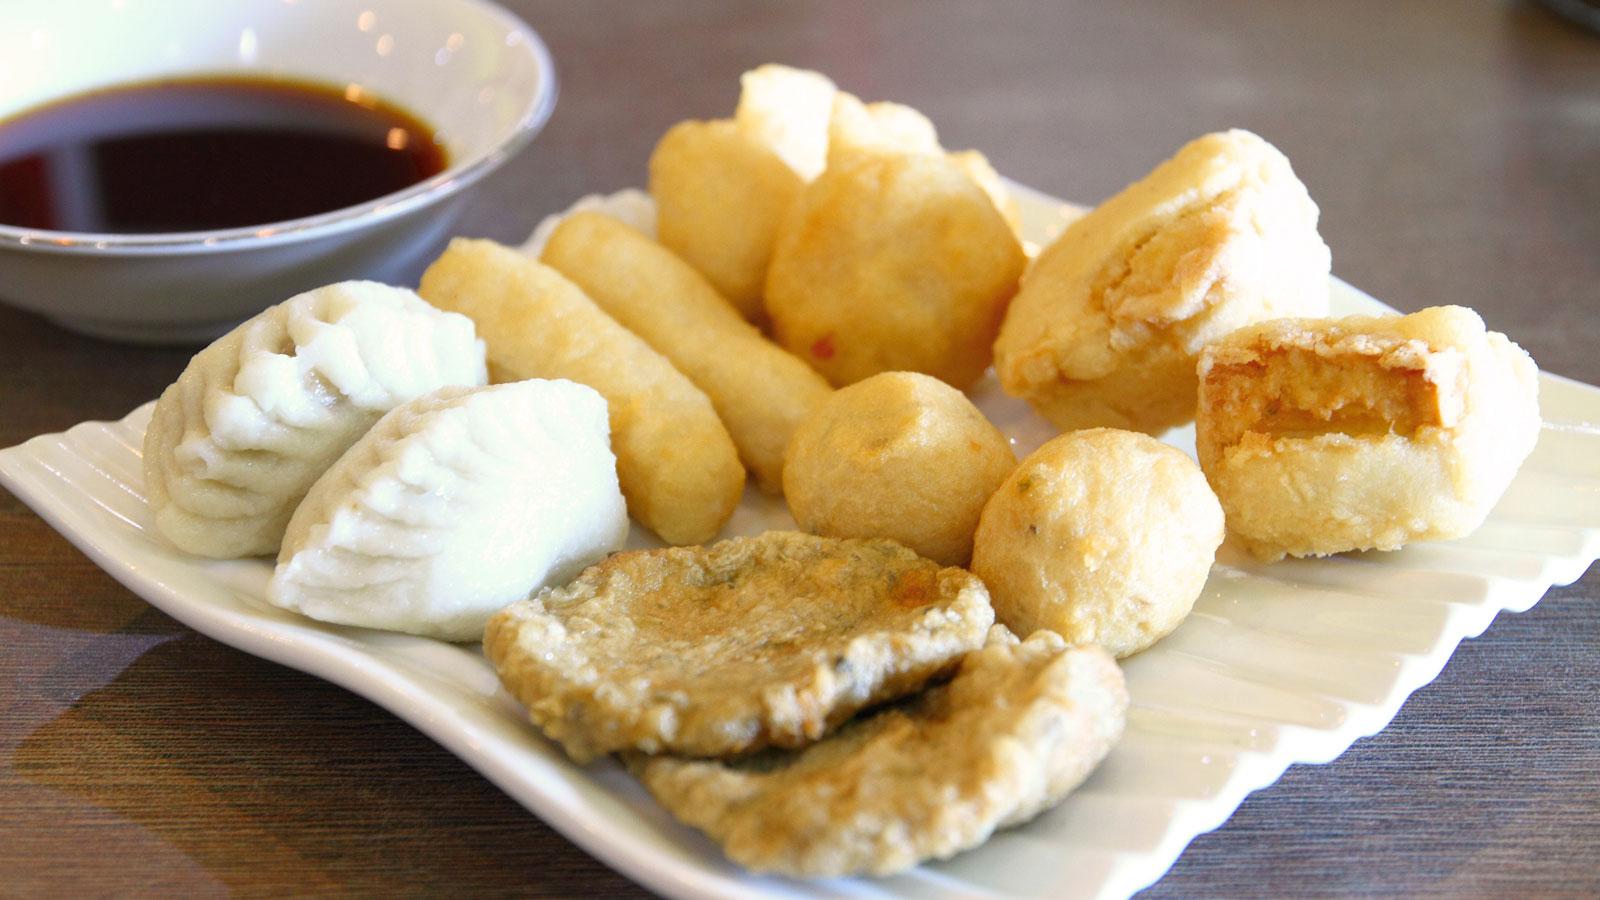 40 Makanan Khas Indonesia Yang Terkenal Di Dunia Lezat Gurih Ngangenin